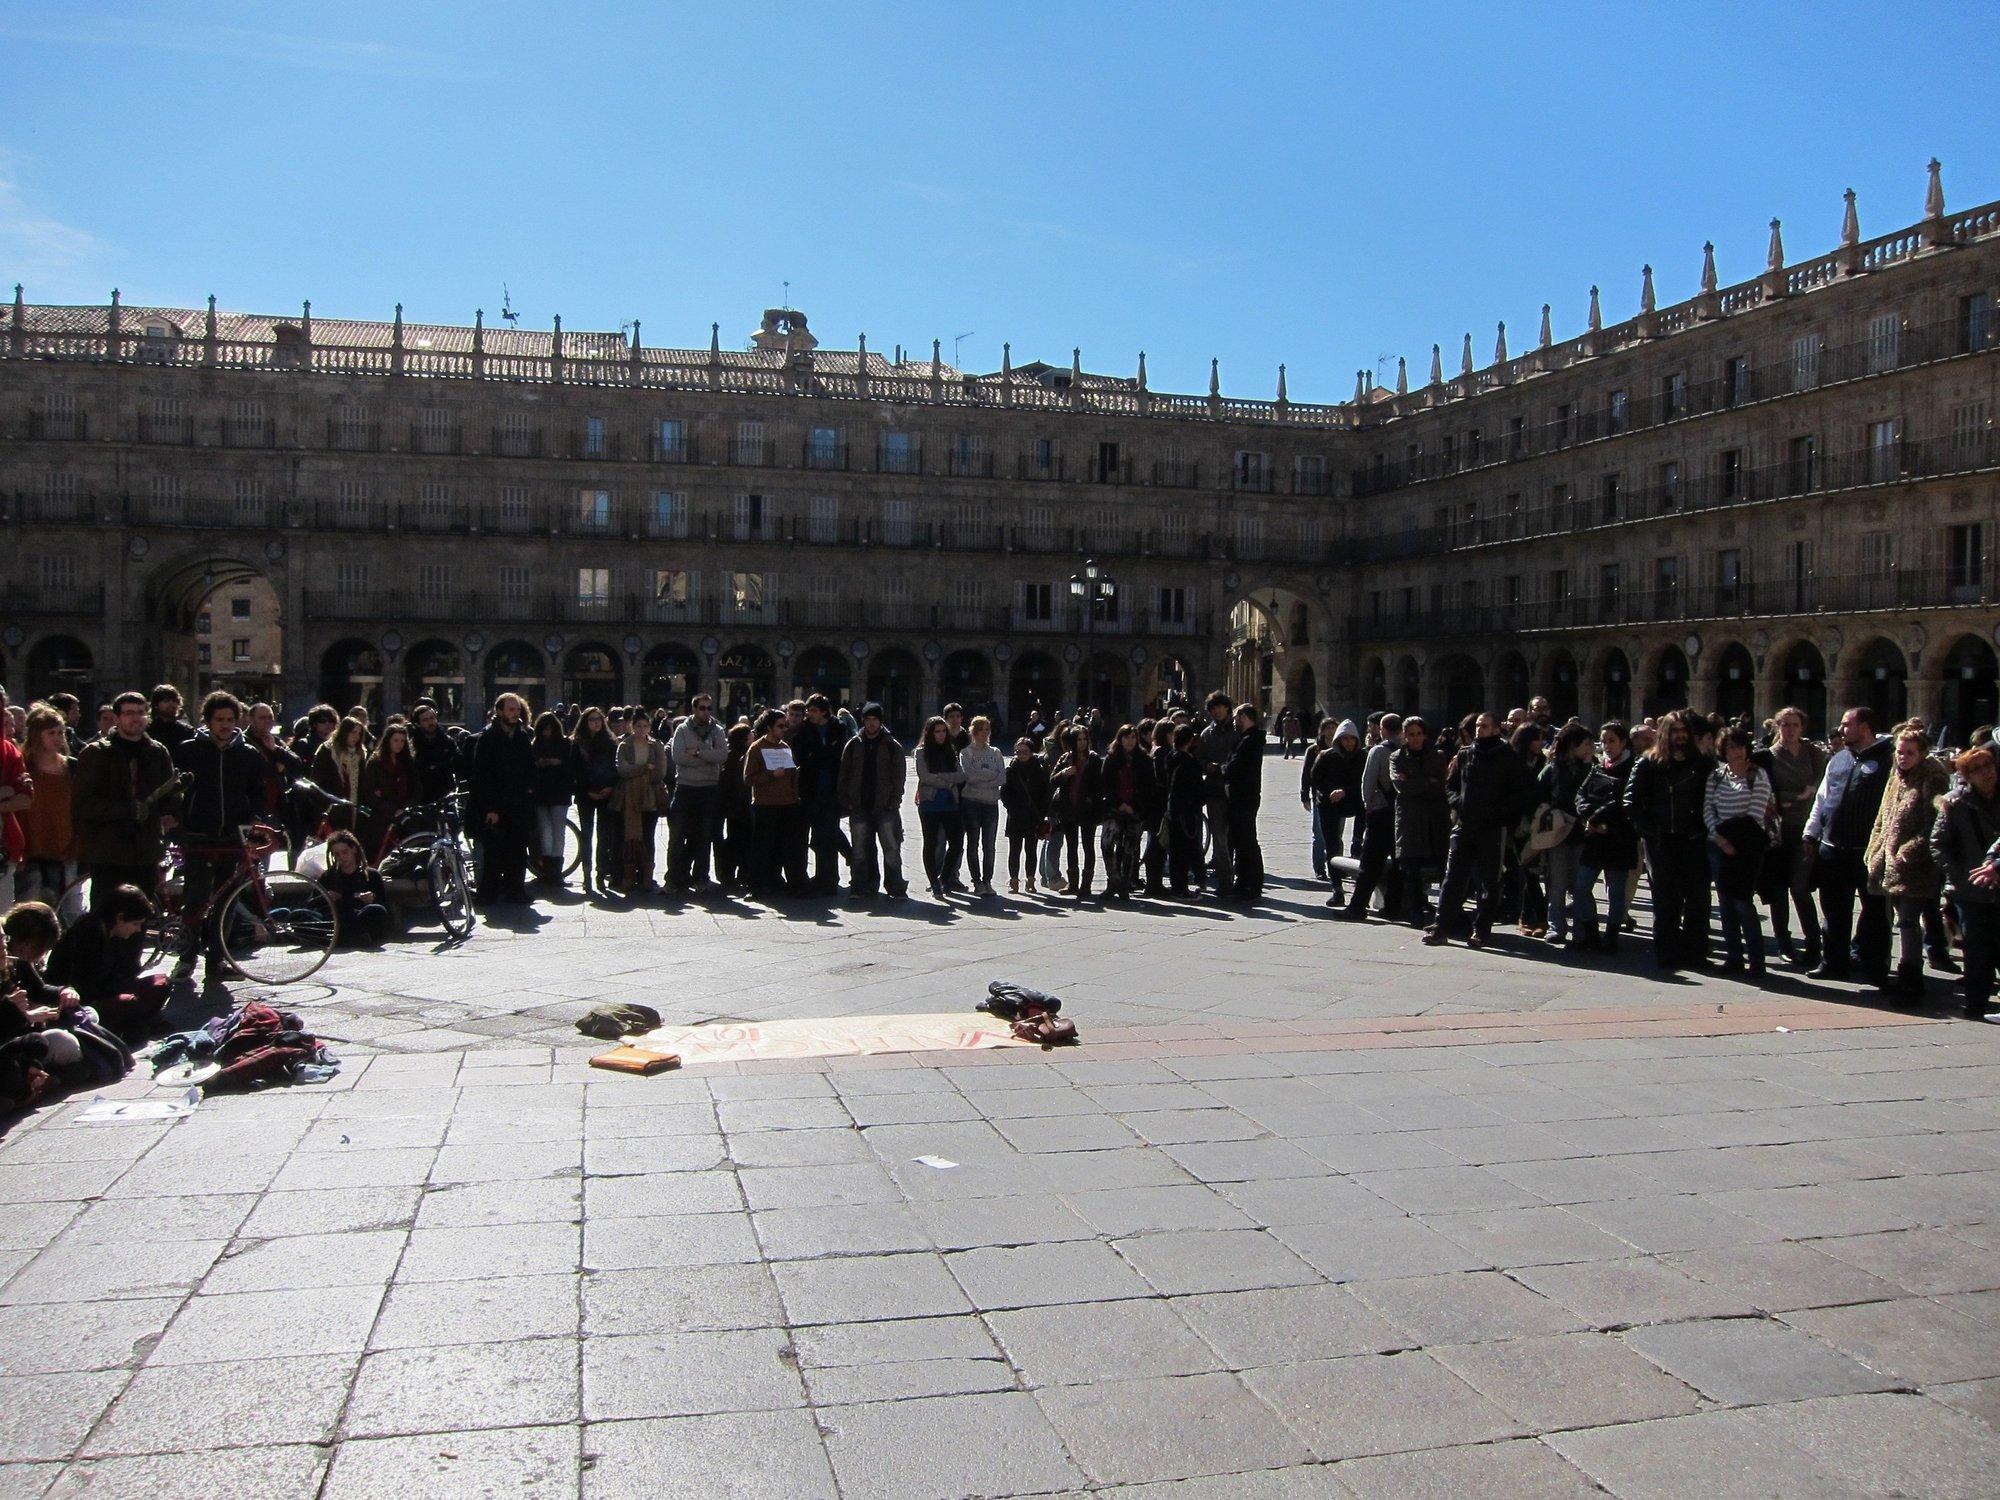 Un centenar de salmantinos se concentra en la Plaza Mayor para mostrar su apoyo a los estudiantes de Valencia